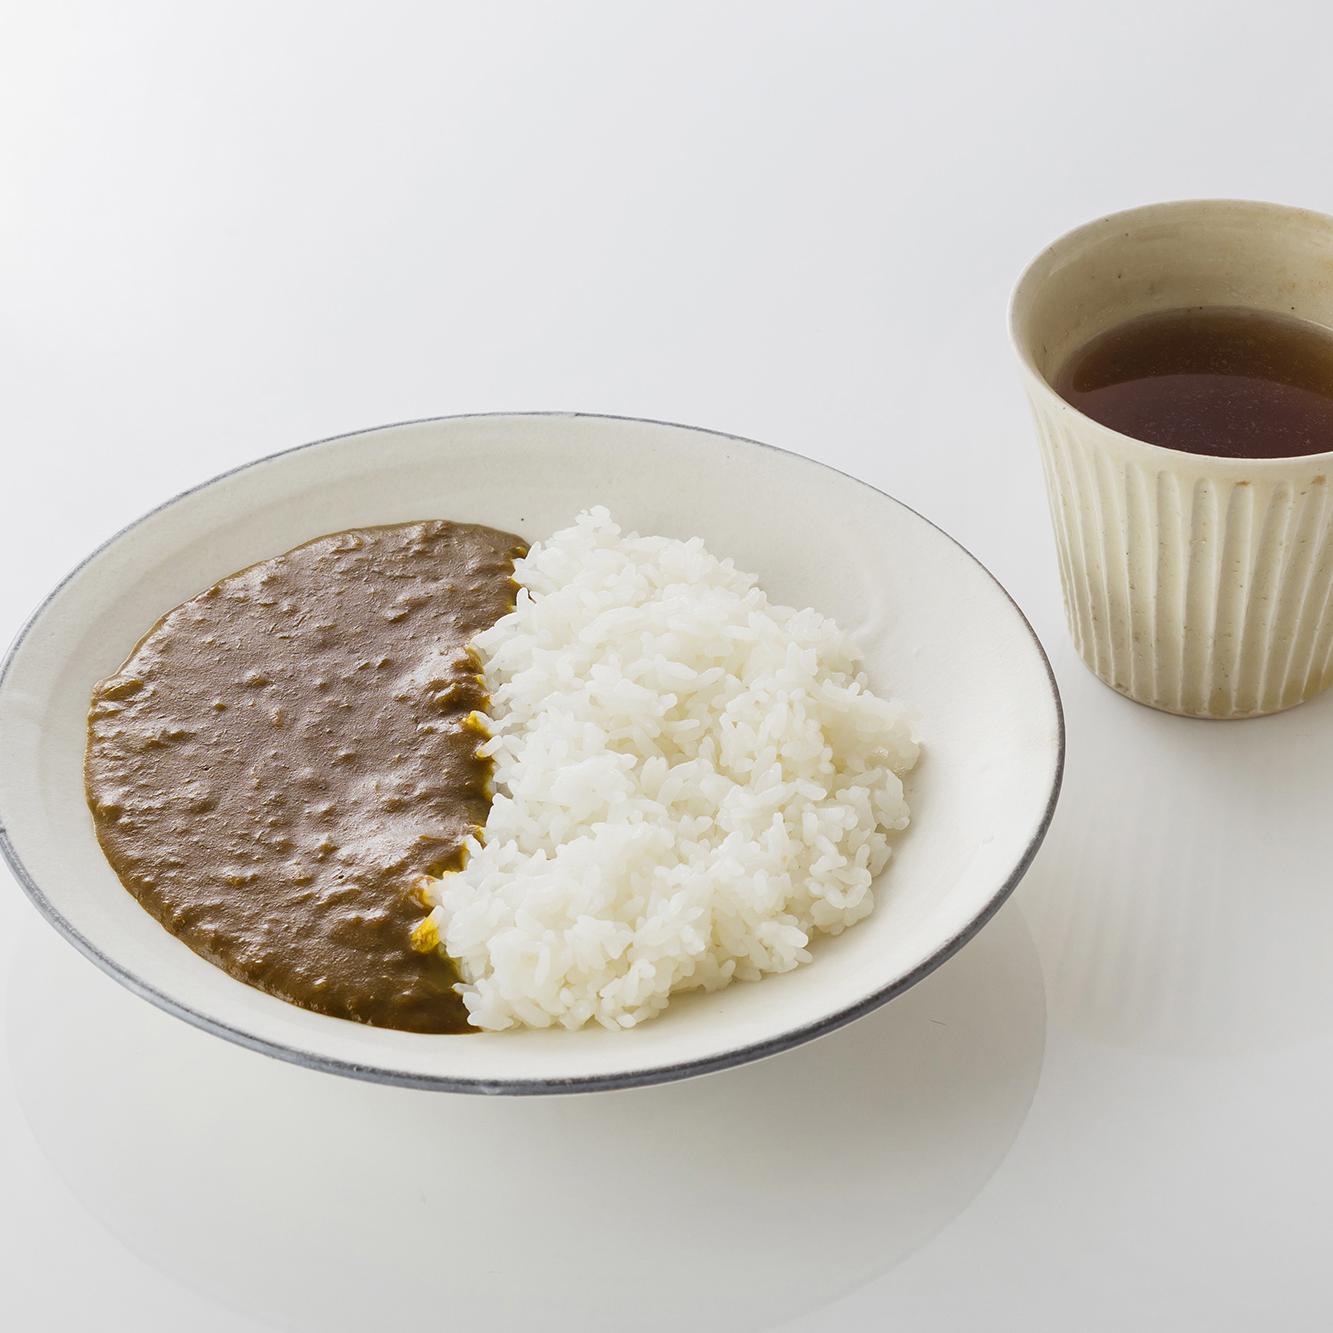 淡路島産玉ねぎのオニオンカレー(インド風)&淡路島のかほり(玉ねぎスープ)